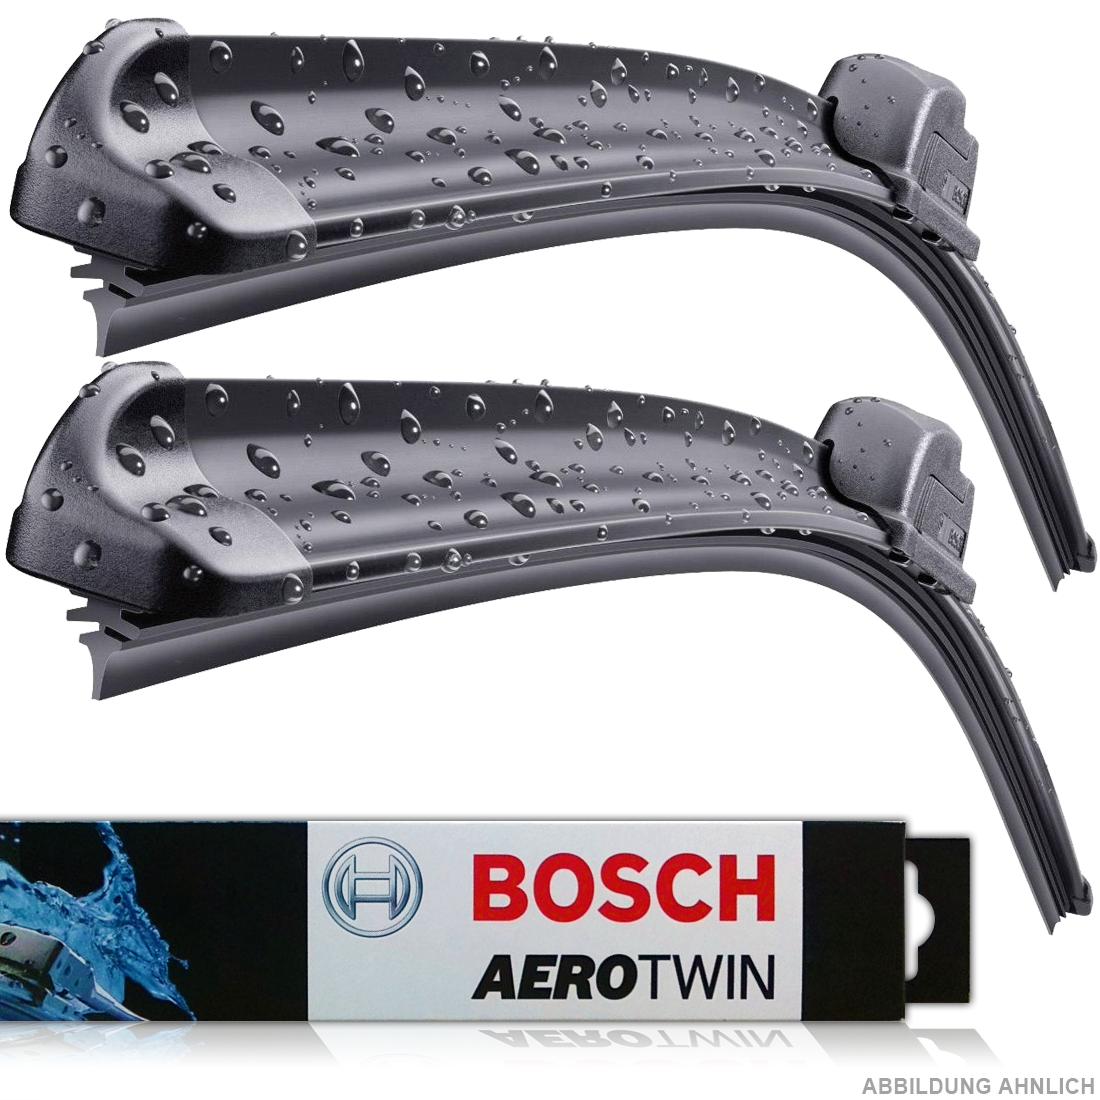 BOSCH-Aerotwin-a969s-TERGICRISTALLI-TERGICRISTALLO-fogli-Mercedes-SLC-SLK-r171-r172